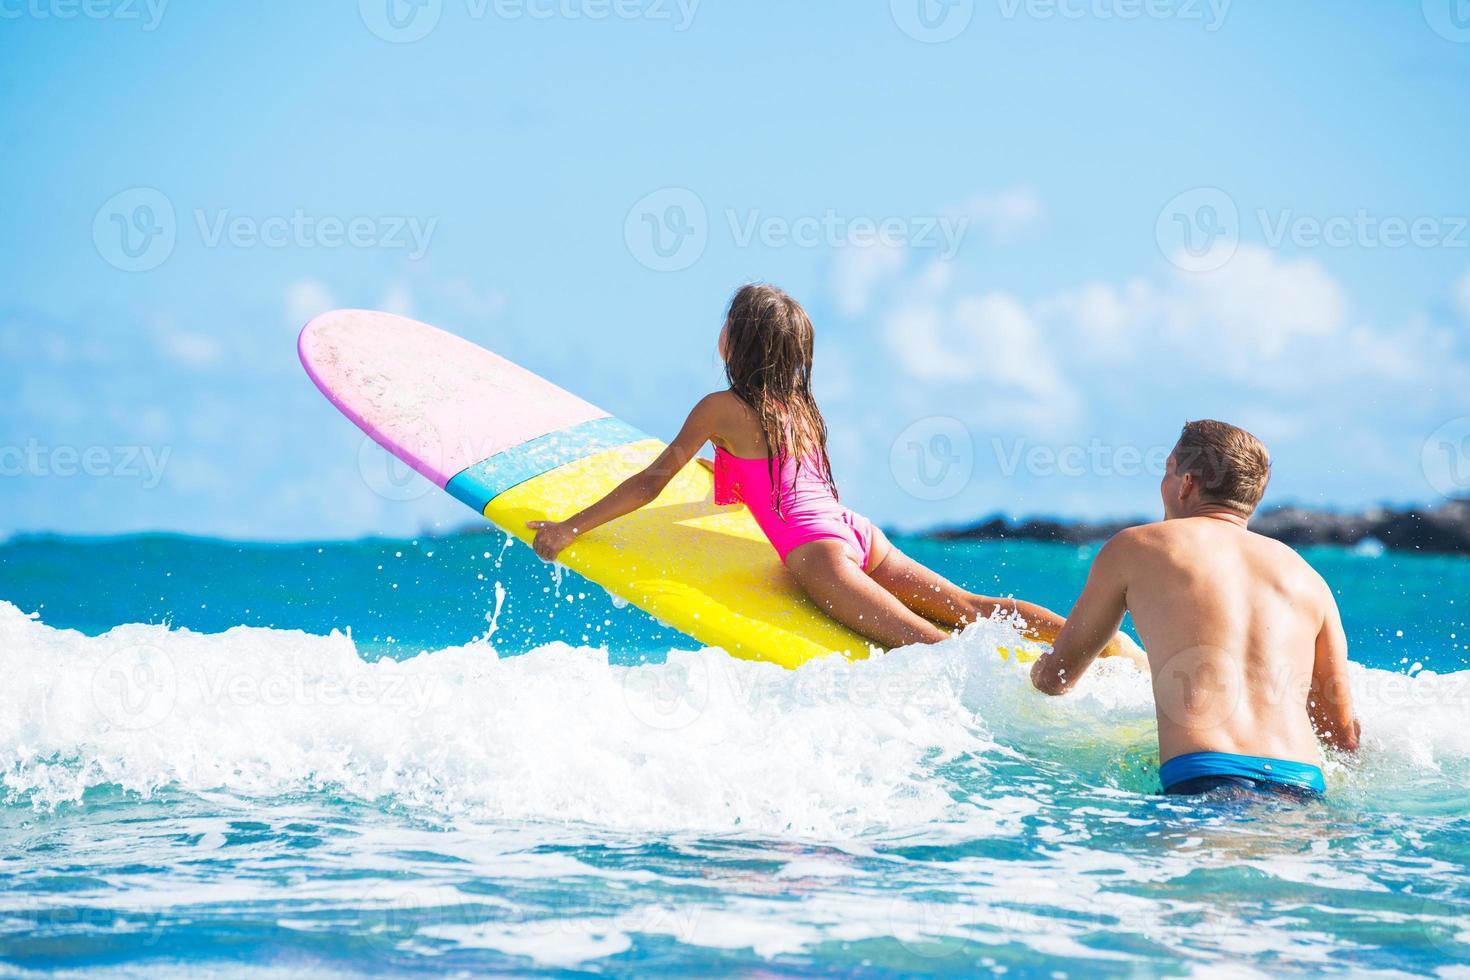 padre y duaghter surfeando juntos foto